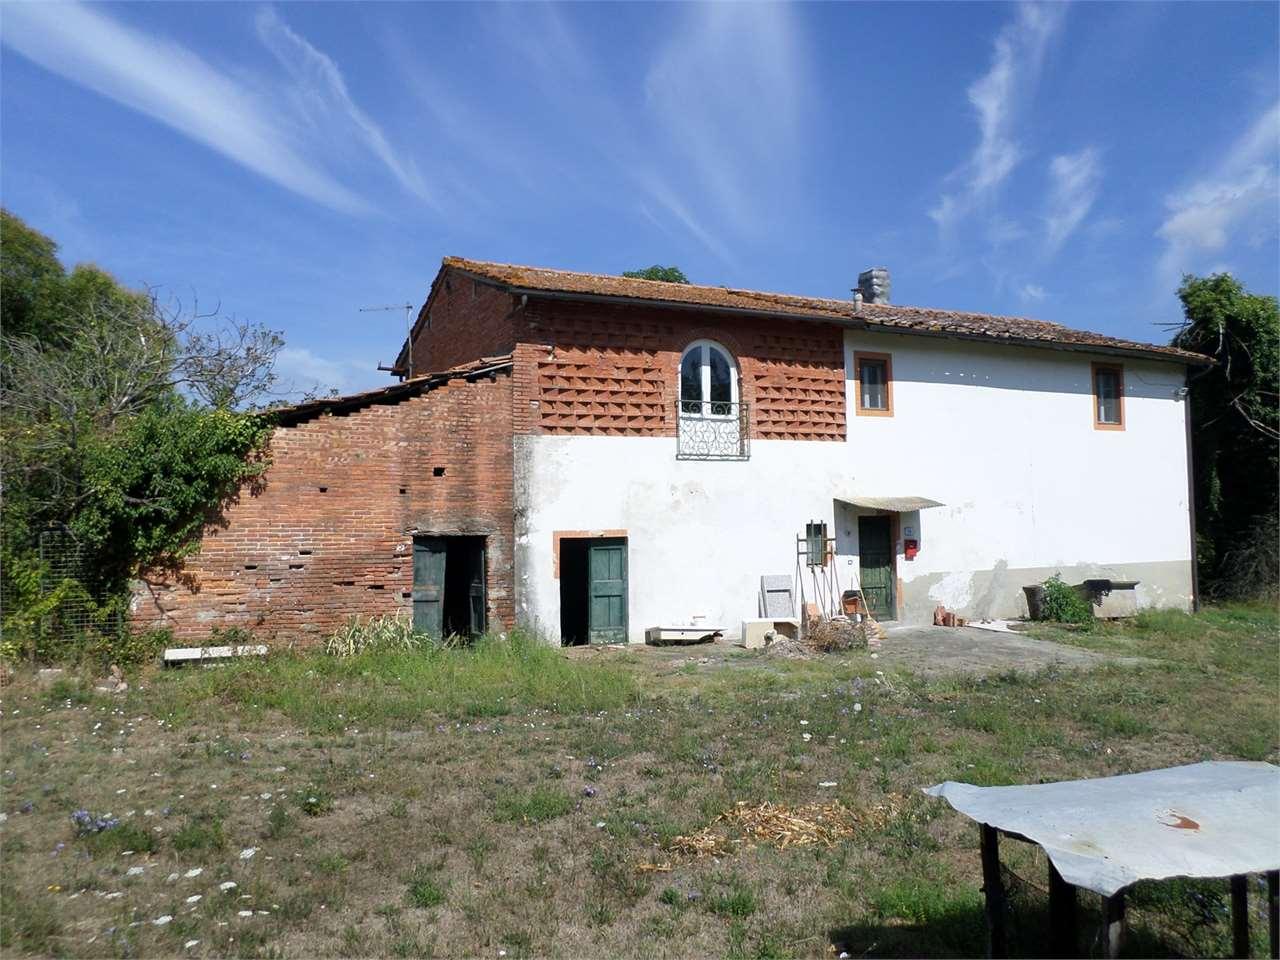 Rustico / Casale in vendita a Castelfranco di Sotto, 6 locali, prezzo € 168.000 | CambioCasa.it